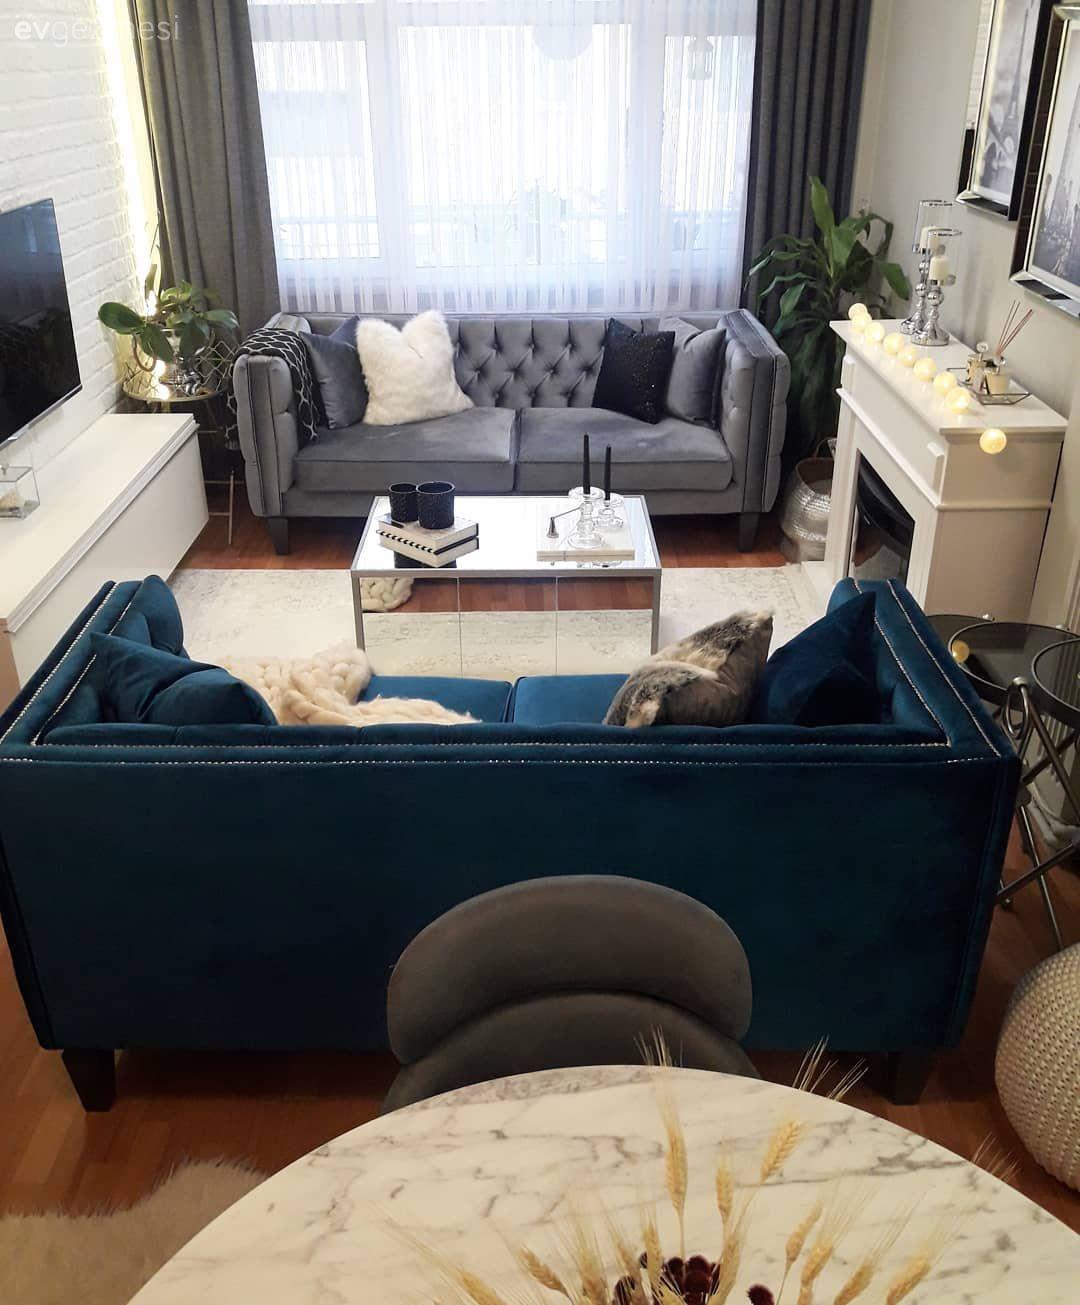 Yeni Mobilyalar, Yepyeni Bir Ortam. Aygül Hanımın Evi #wohnzimmerideen